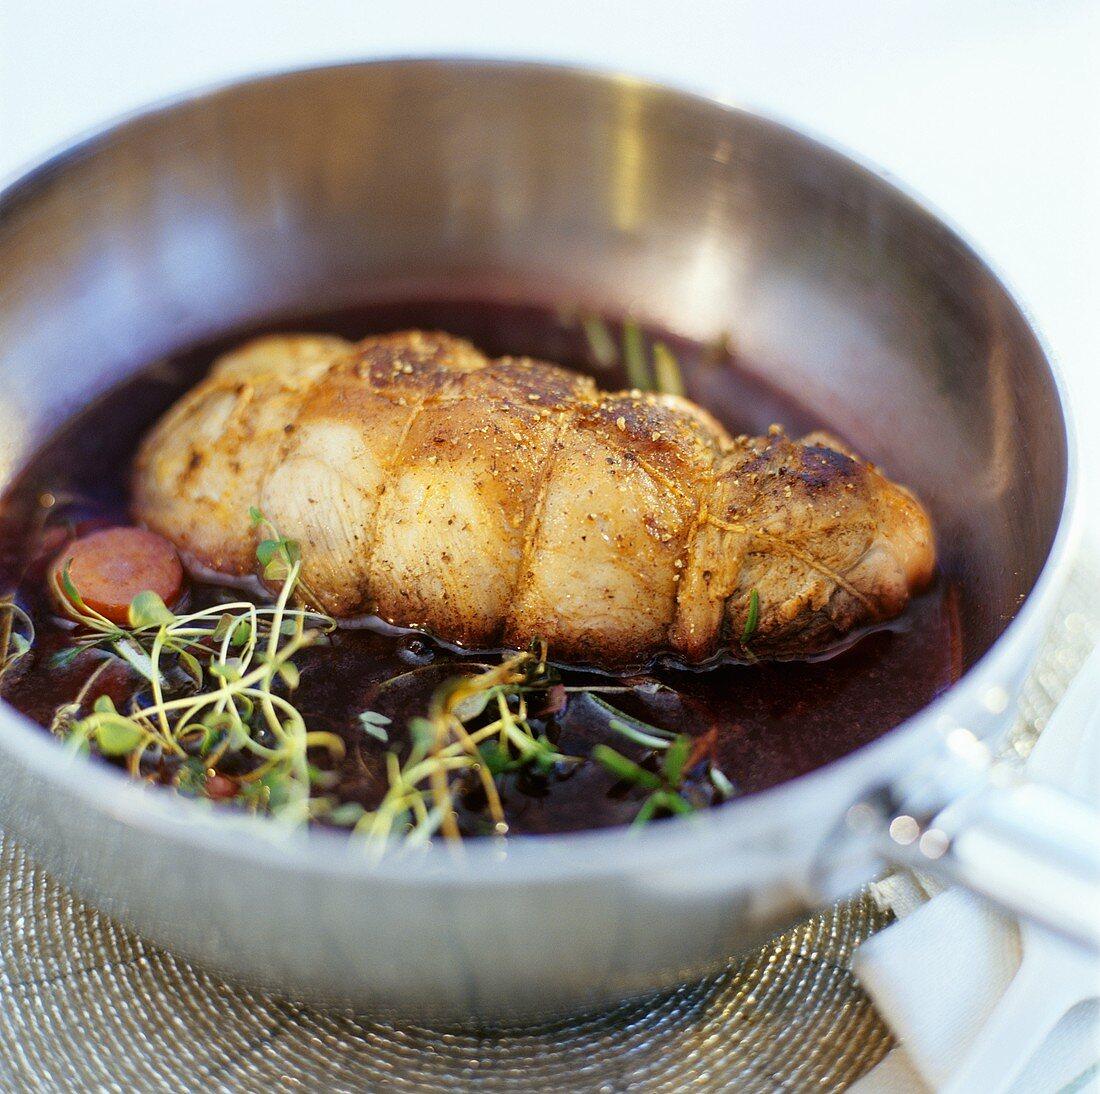 Rolled wild boar roast in red wine sauce